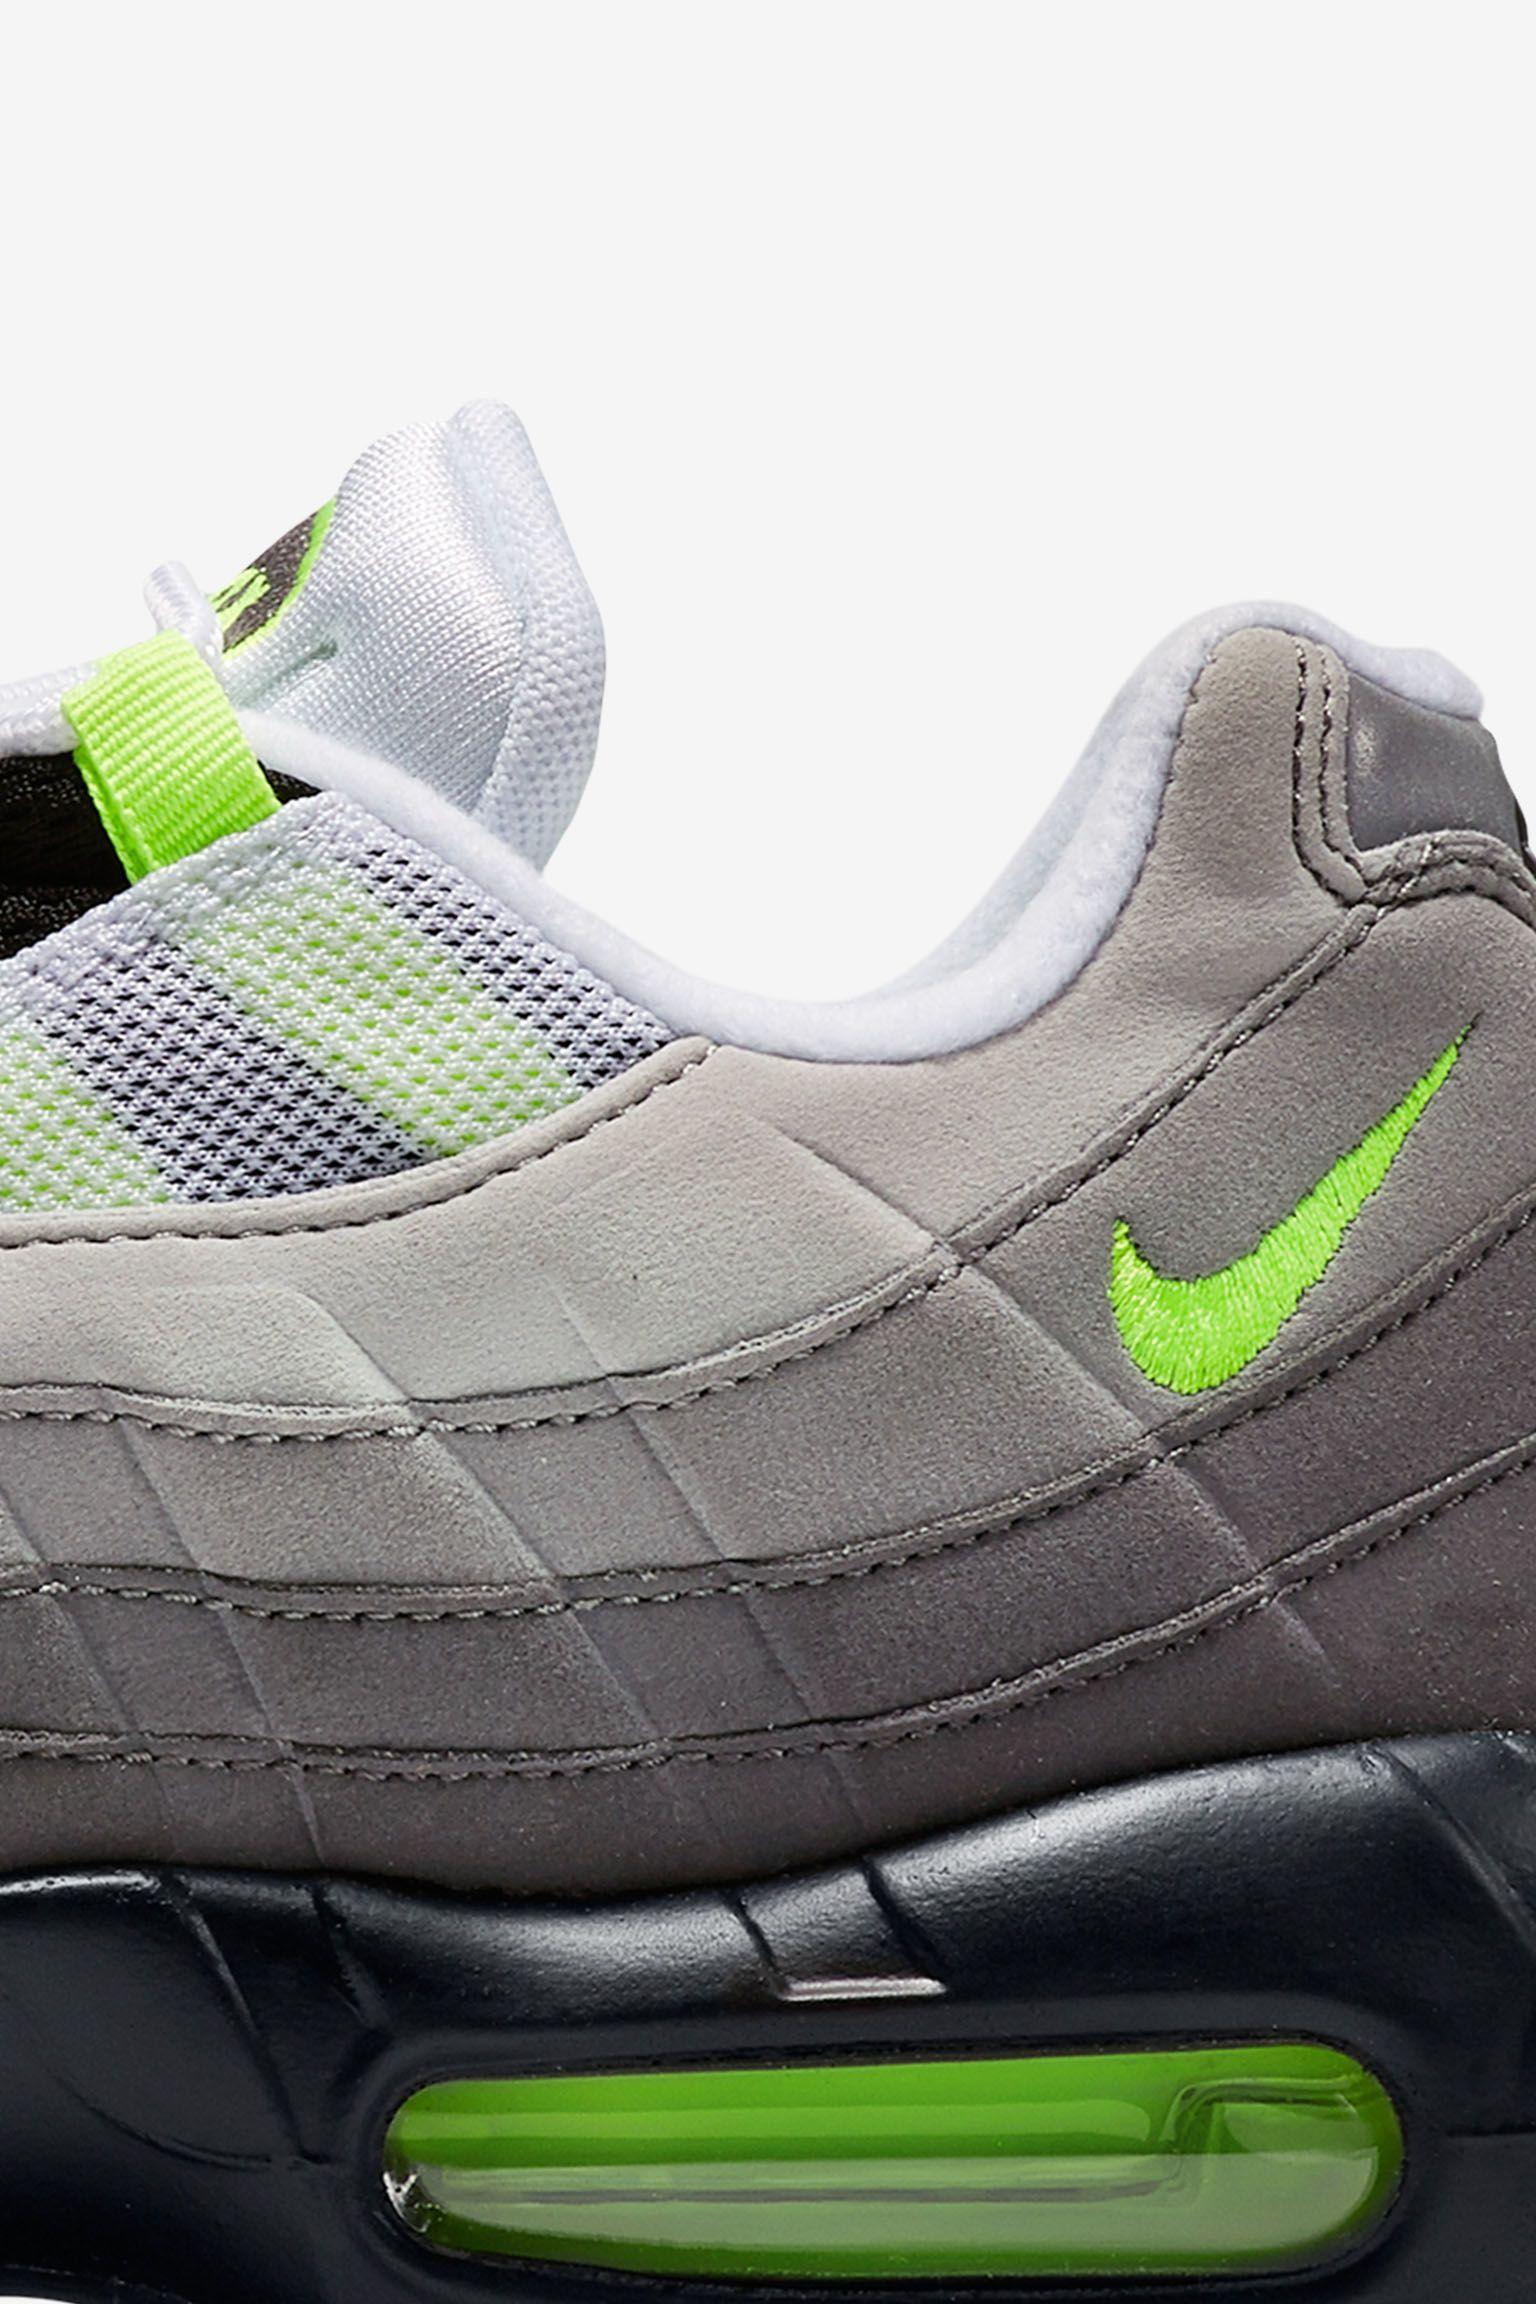 Nike Nike  Neon  Max 95 Air vrxwPv a3509e6c5ce3